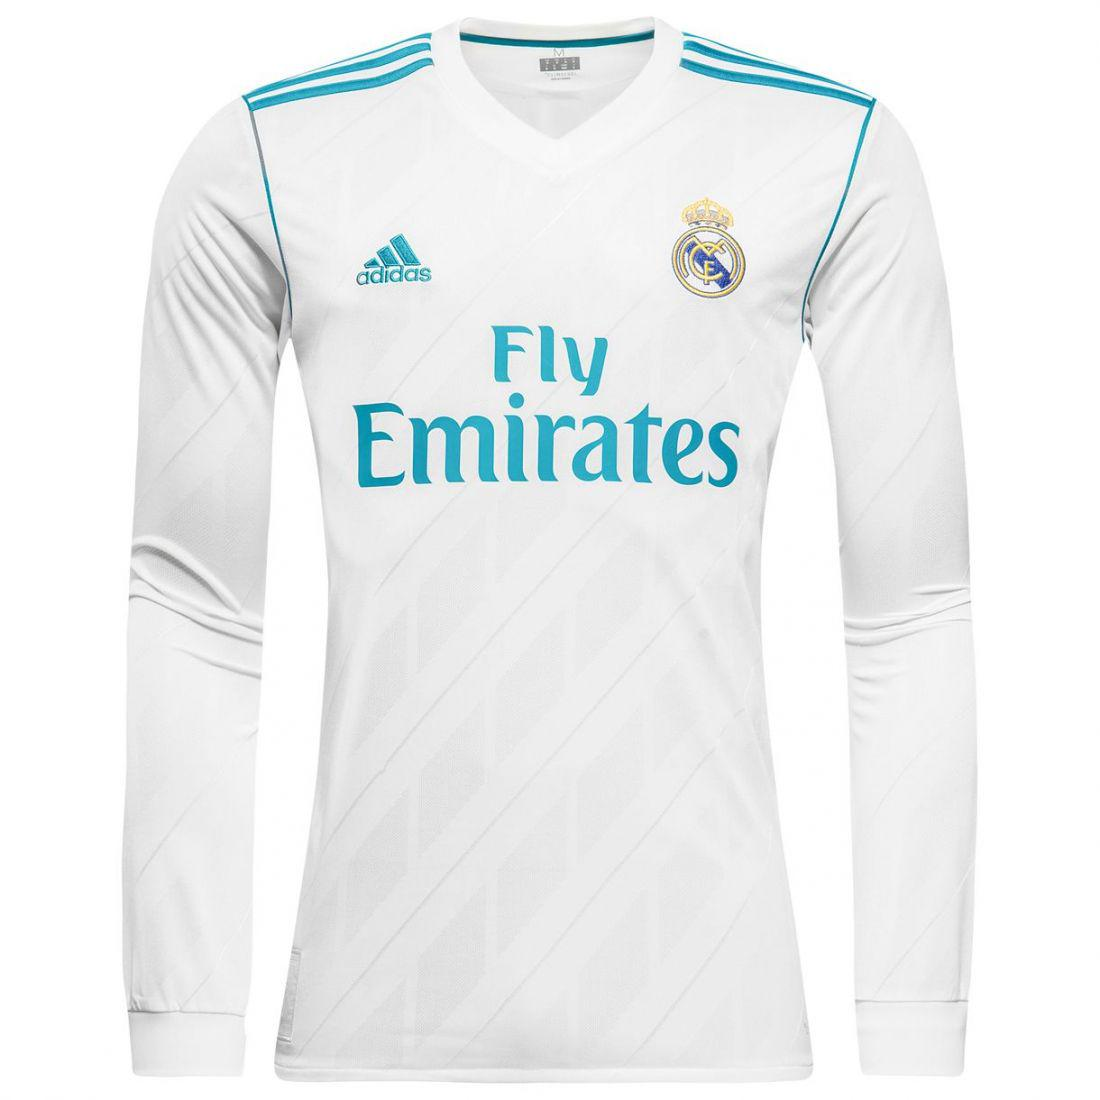 """Клубная футбольная форма""""Реал Мадрид"""" (домашняя), сезон 2017/18, с длинным рукавом"""